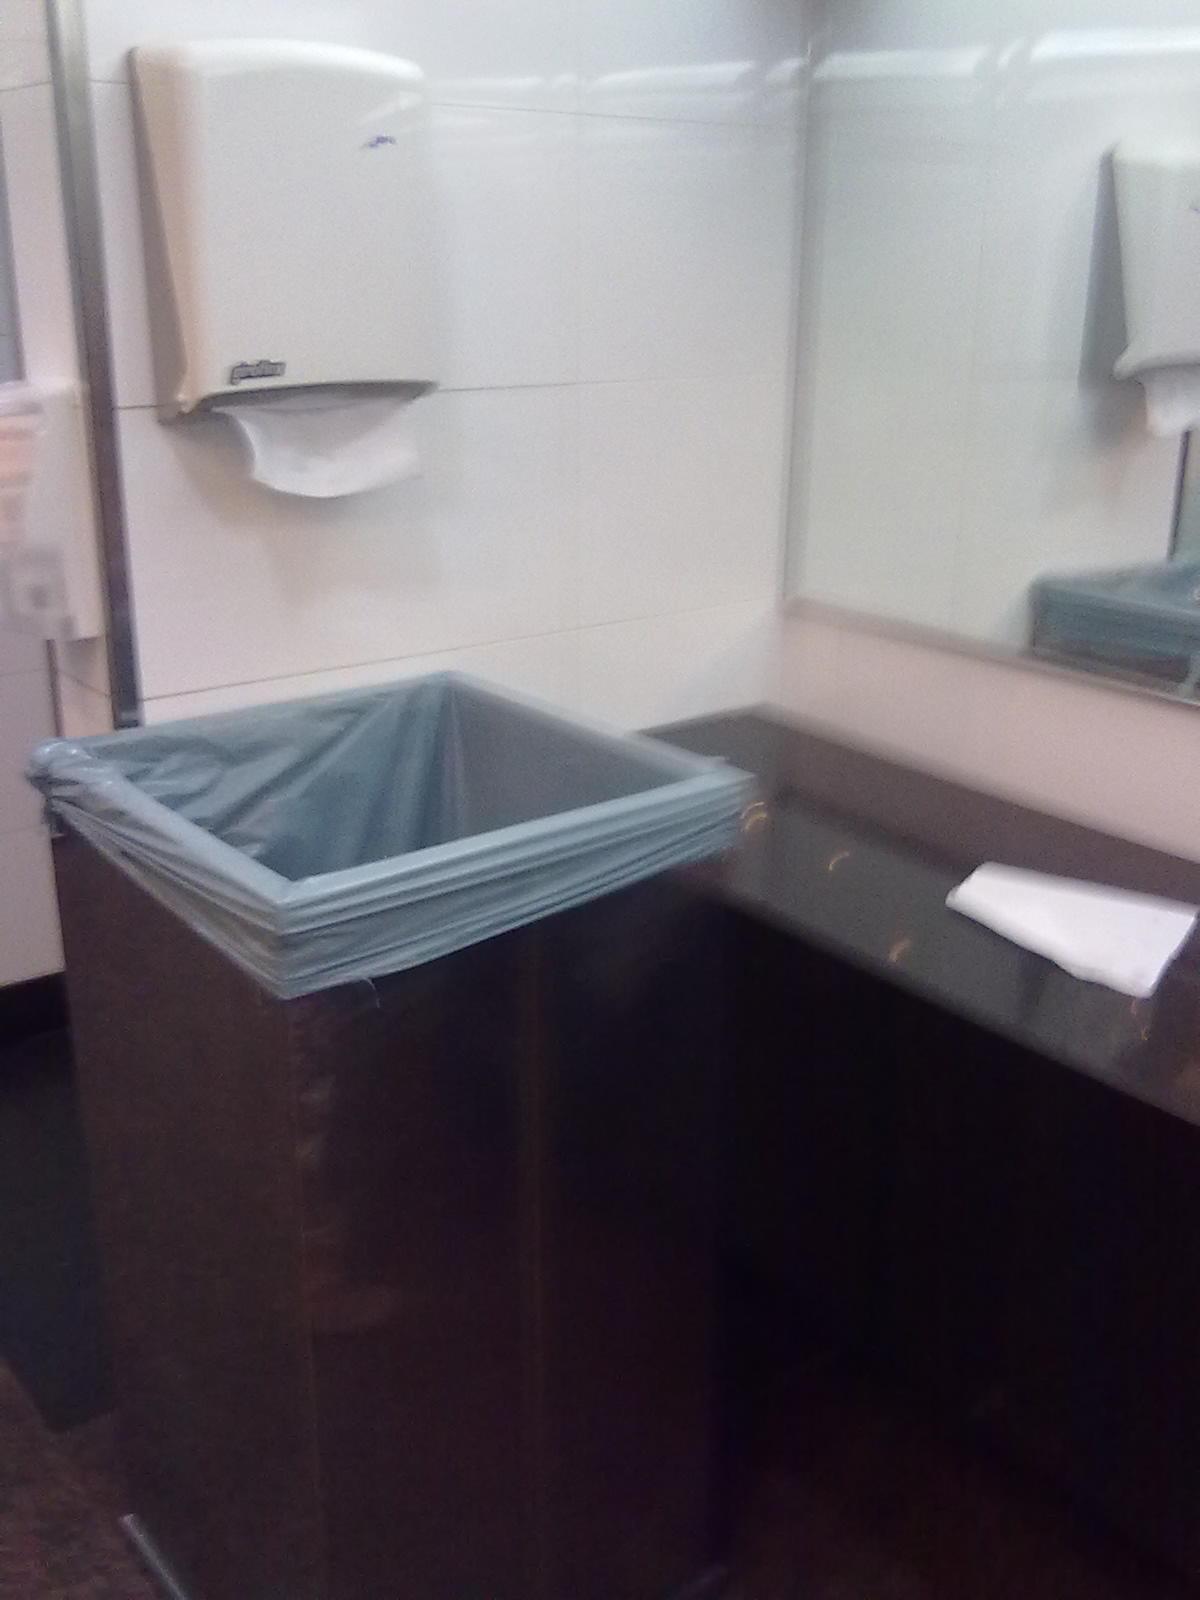 Cesto de lixo do lavatório com altura elevada (como uma pessoa de  #21161F 1200x1600 Banheiro Acessivel Com Pia